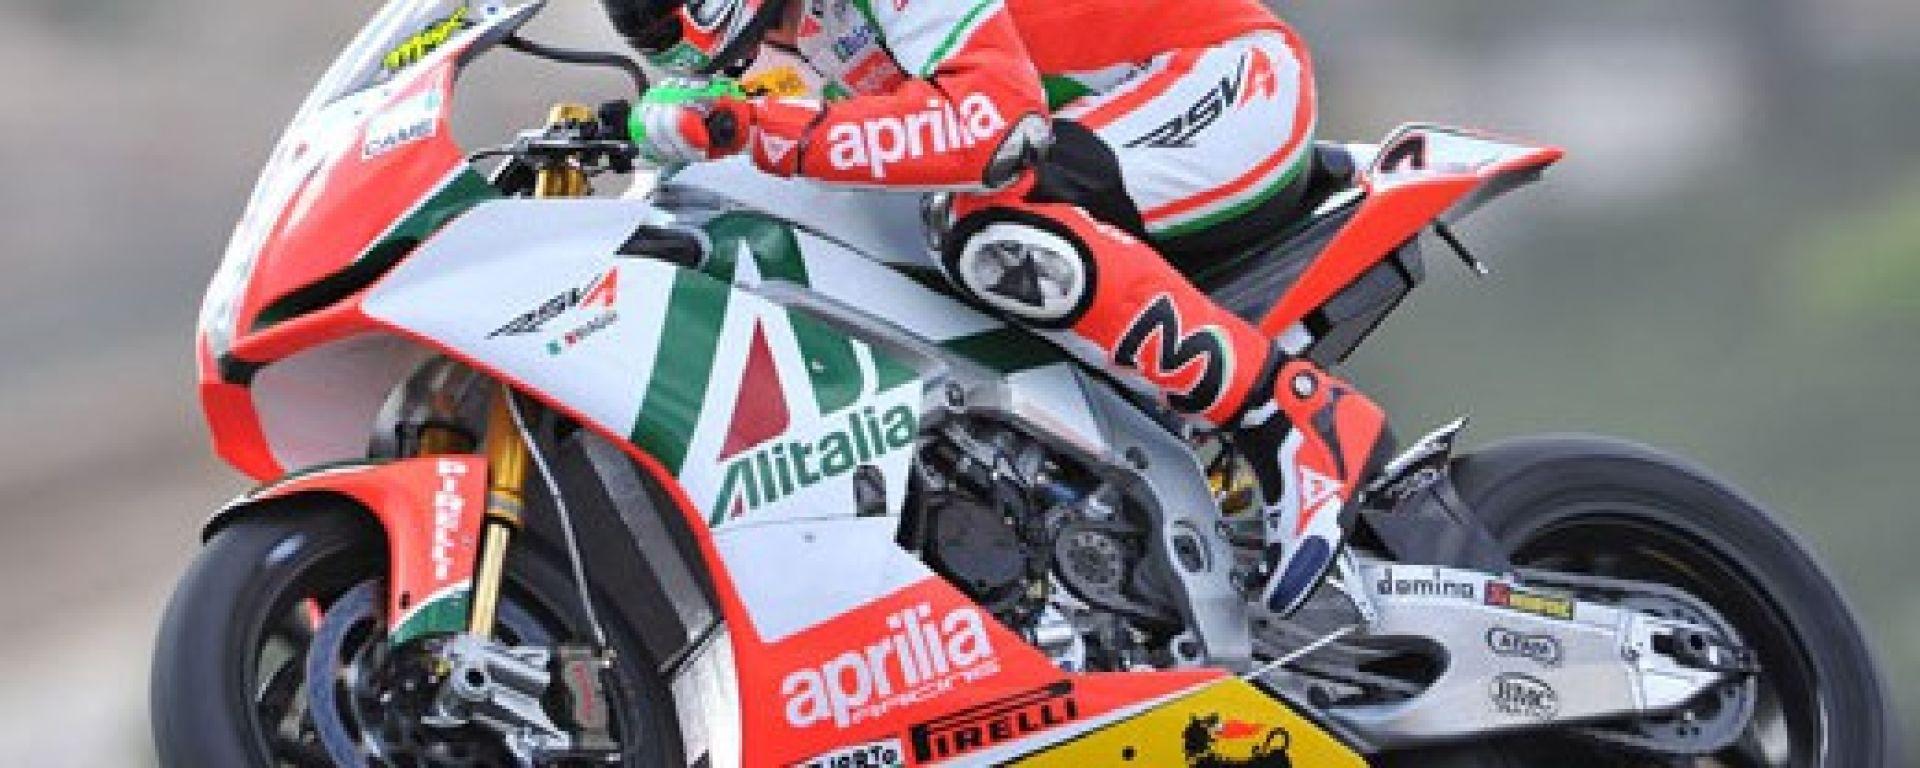 Vola Alitalia, vinci la Superbike